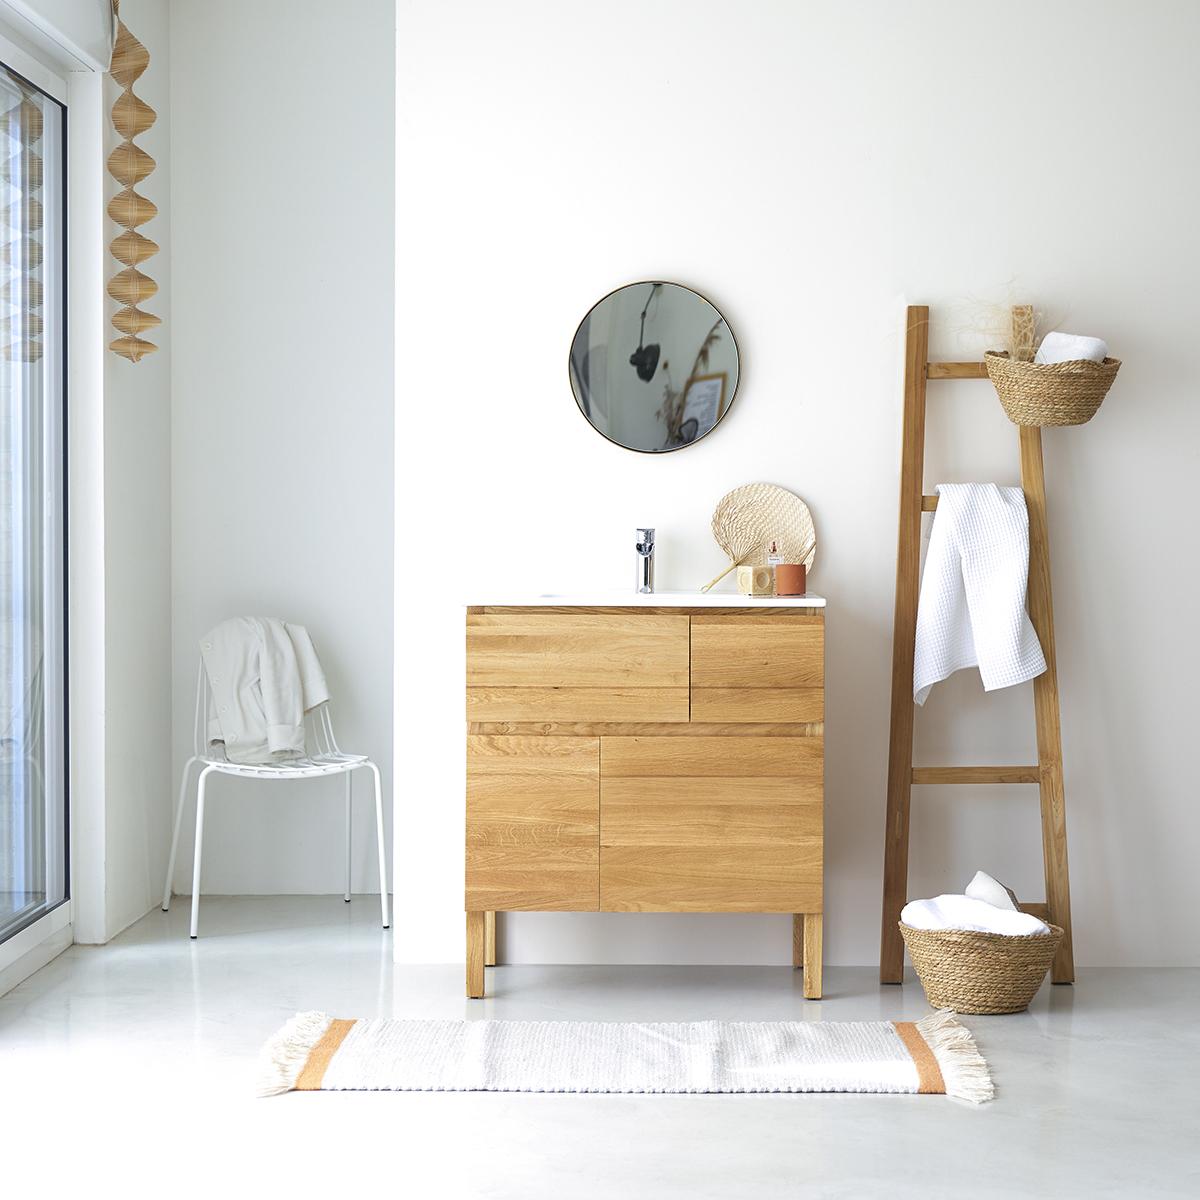 Mueble en Madera de roble macizo con Lavabo de cerámica 80 Easy